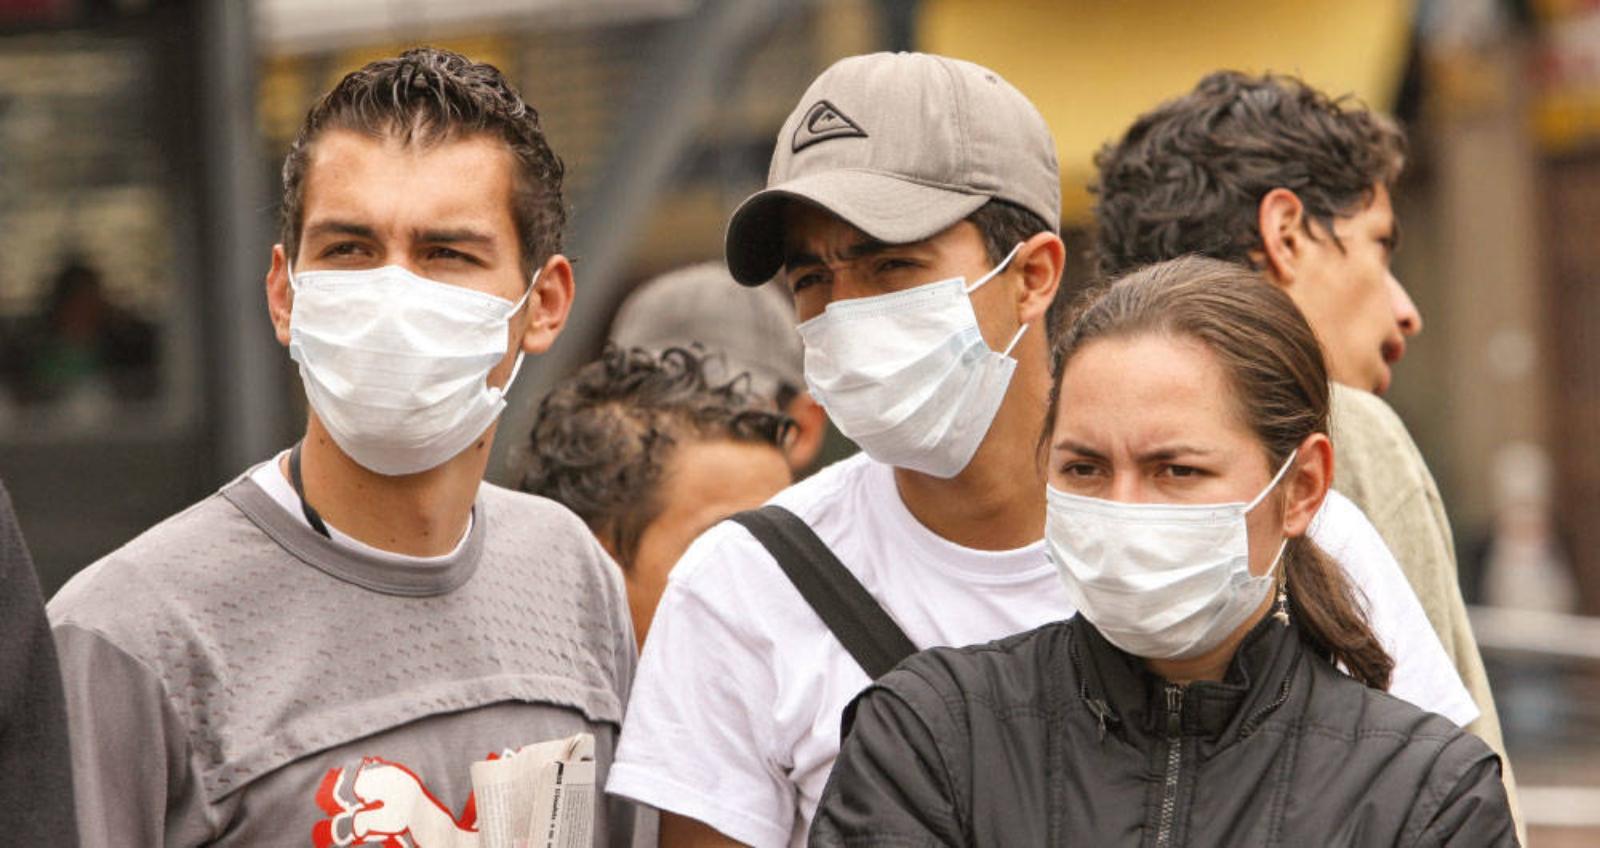 Terminales y buses se suman a la lucha contra el coronavirus